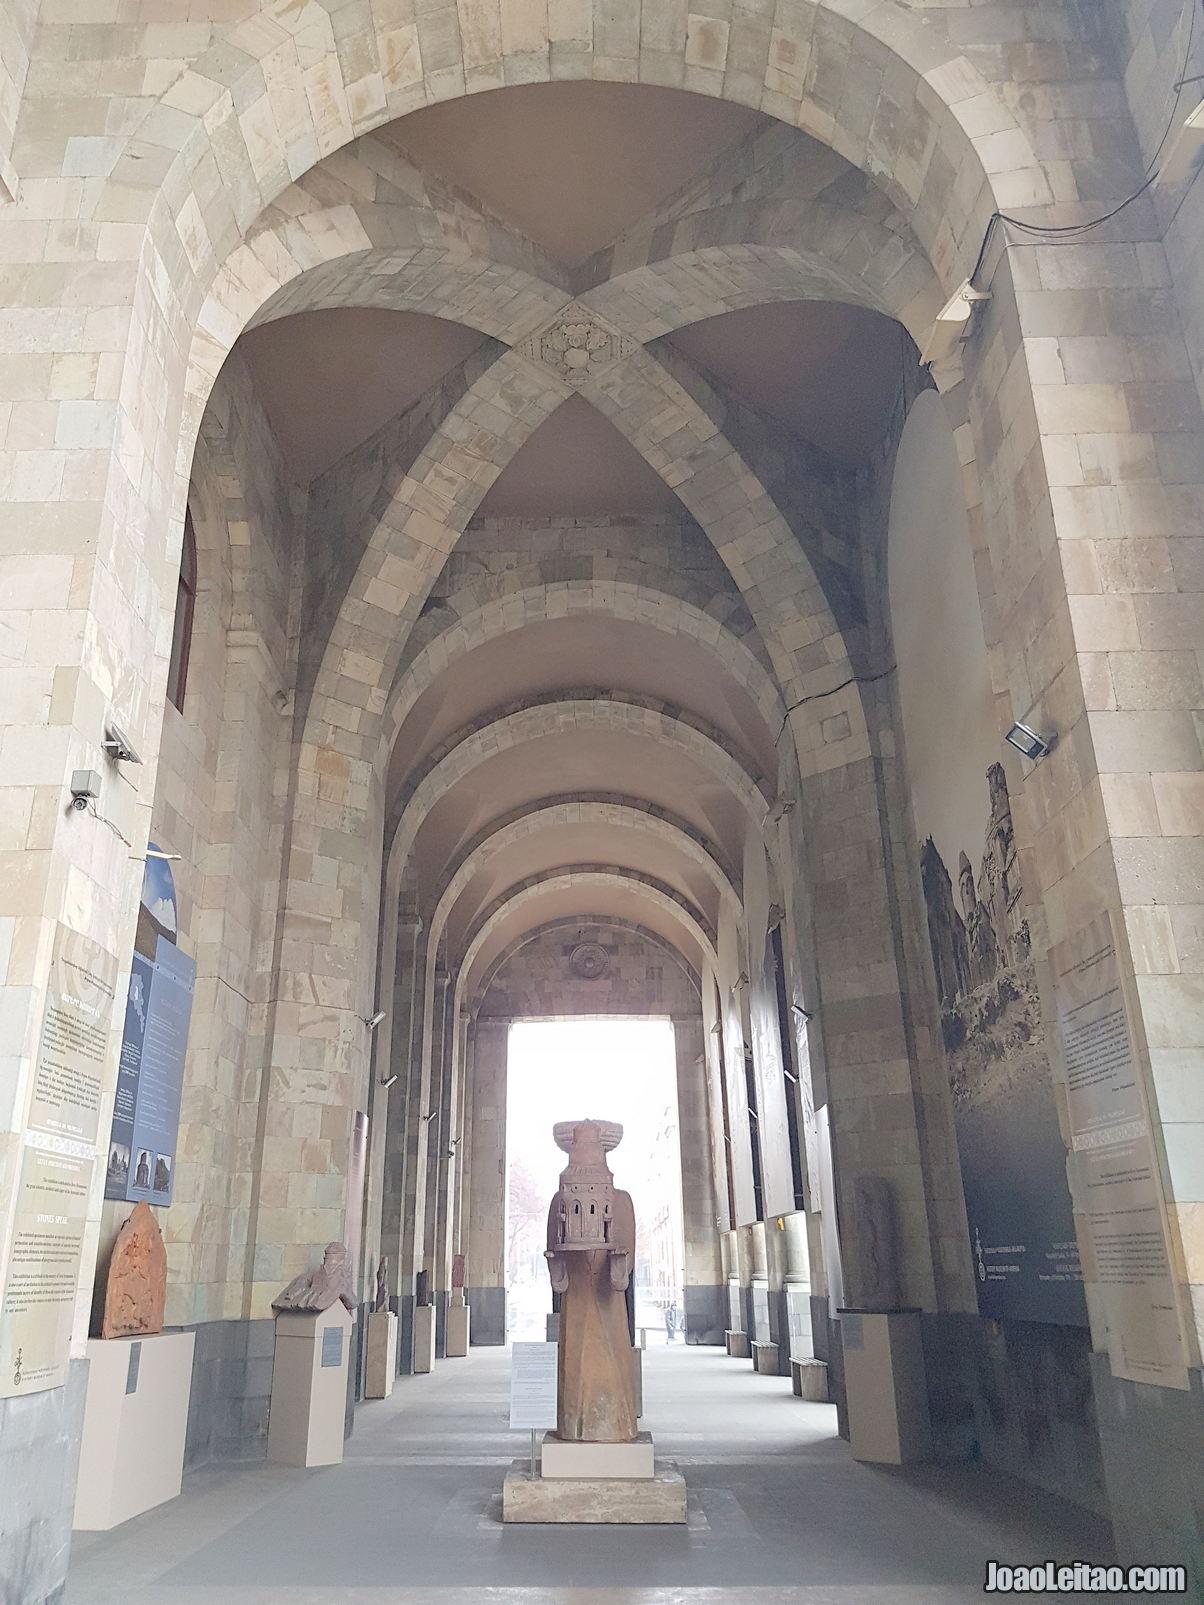 Visitar Erevan (Yerevan), Arménia: Roteiro e Guia Prático de Viagem 2